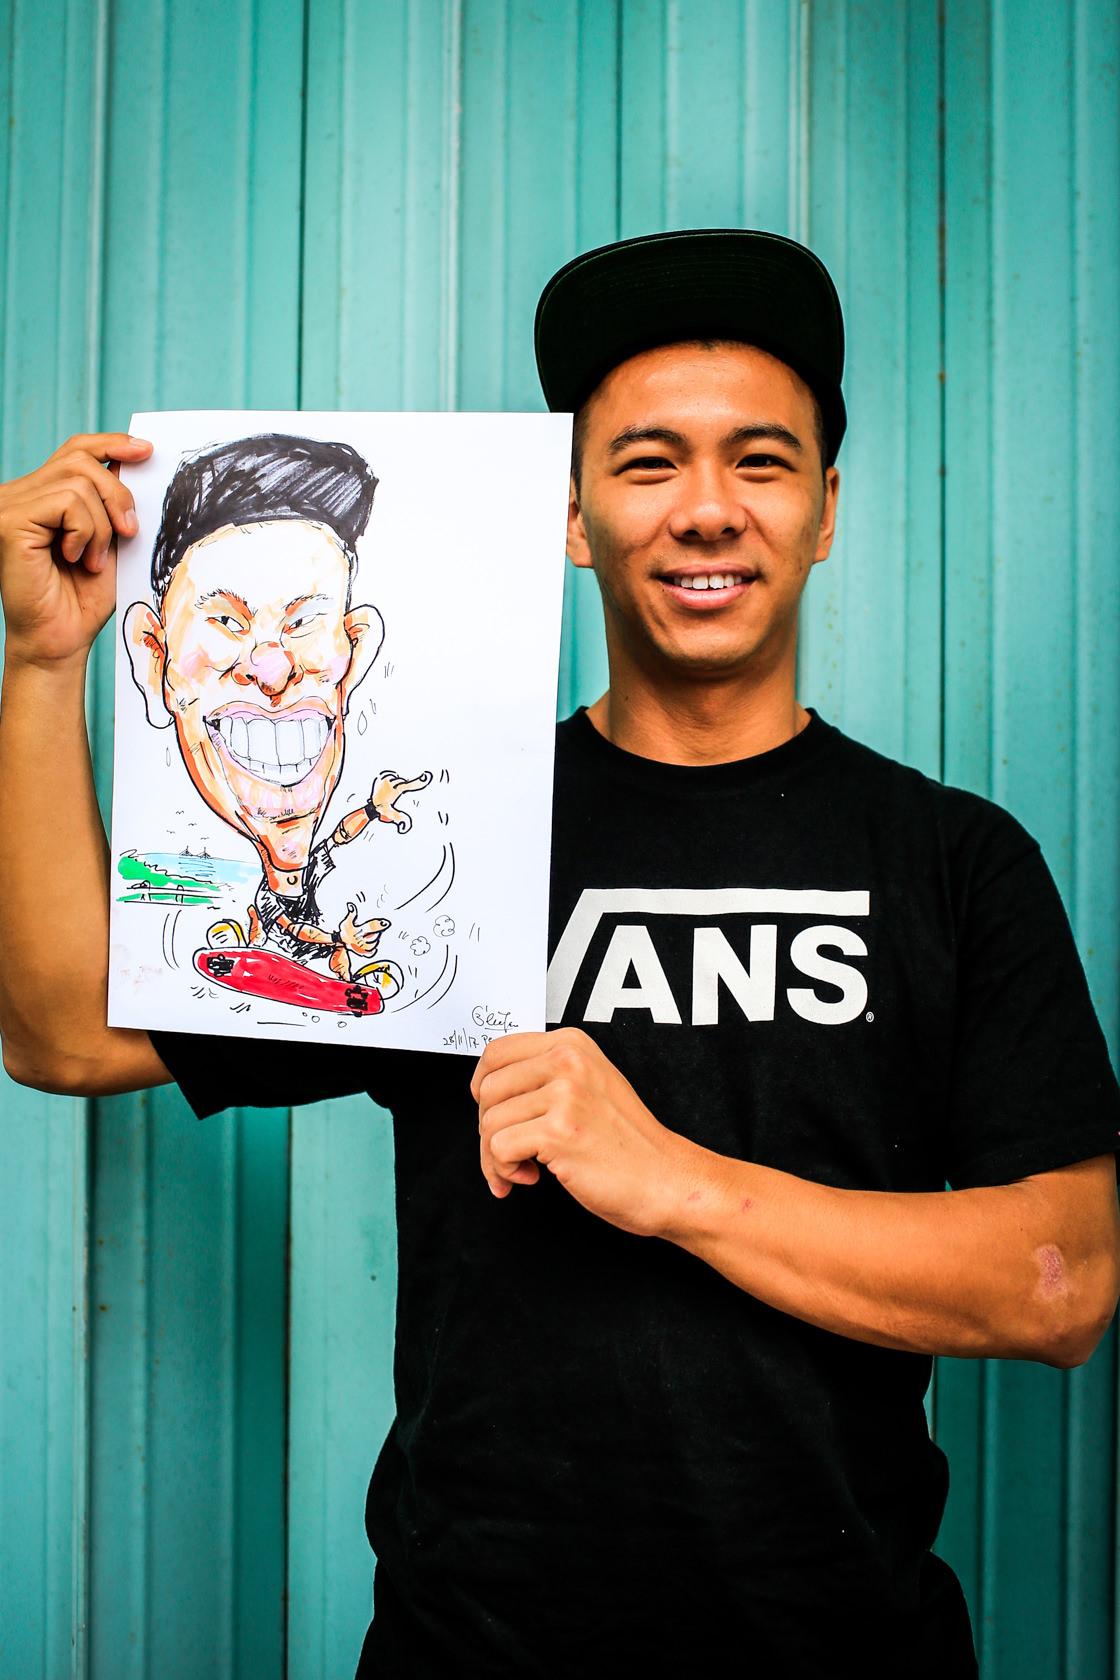 VANS_新加坡&马来西亚TOUR090171128-2.jpg